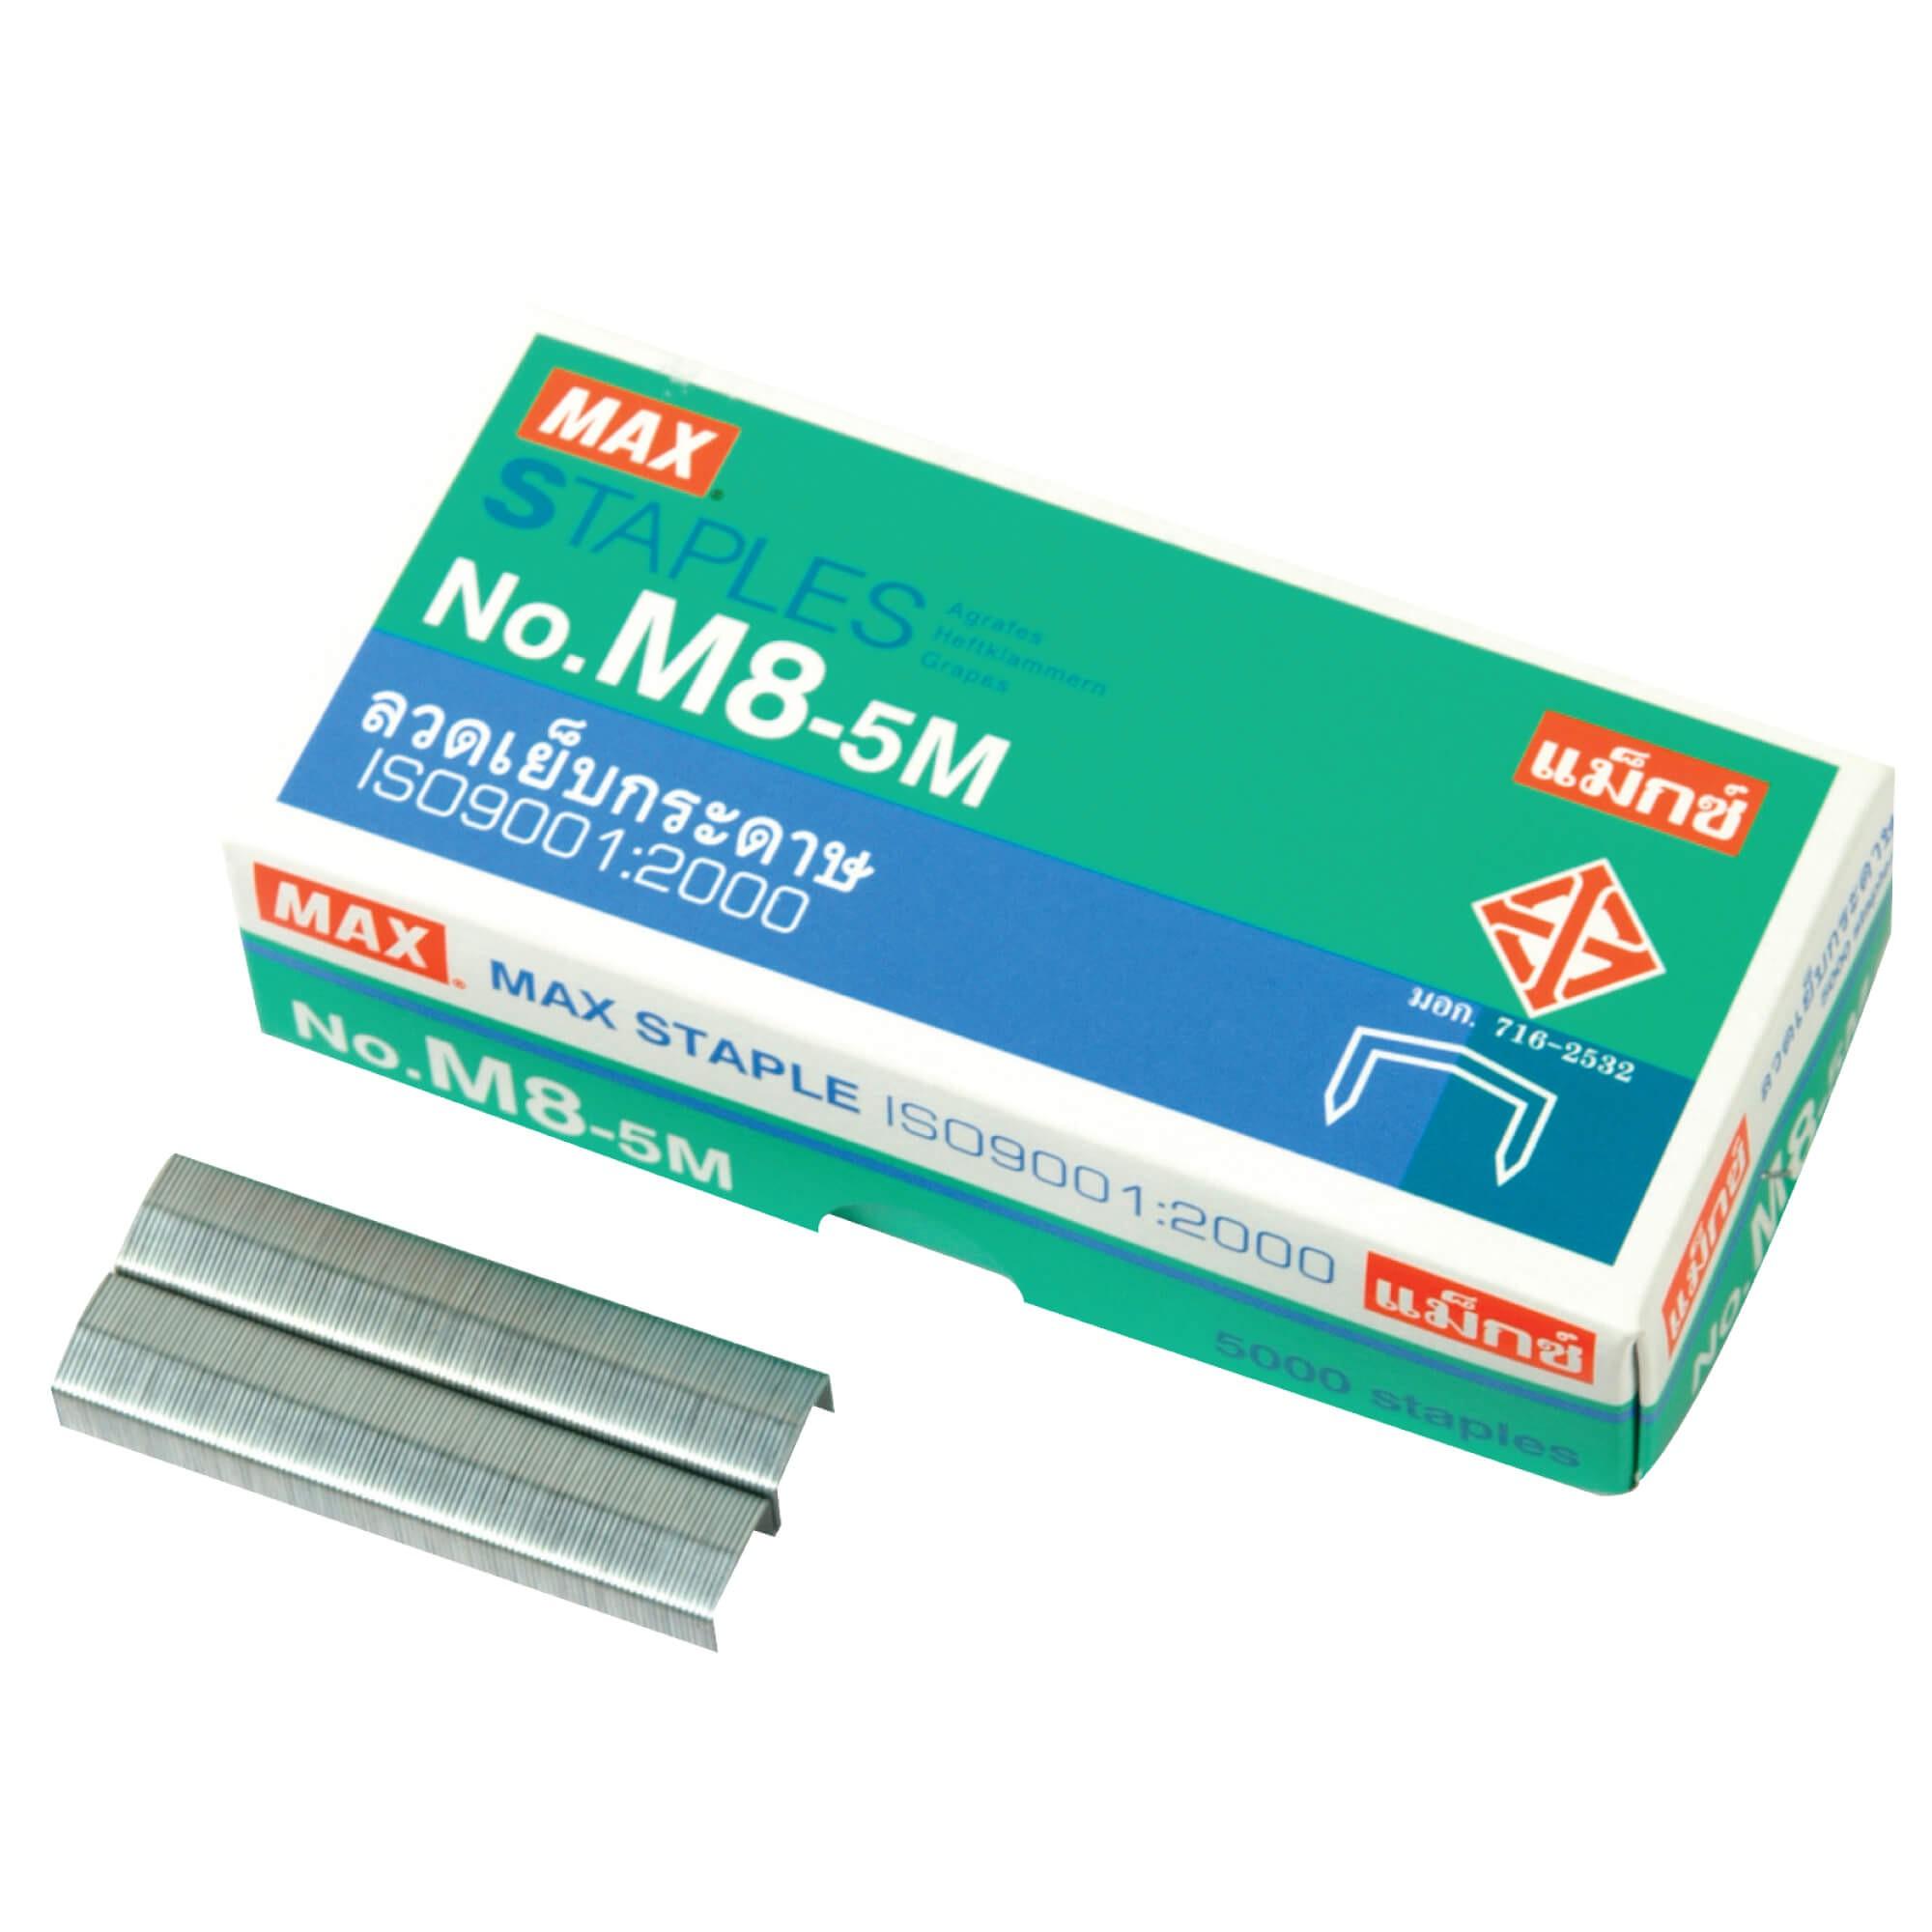 ลวดเย็บ แม็กซ์ M8-5M